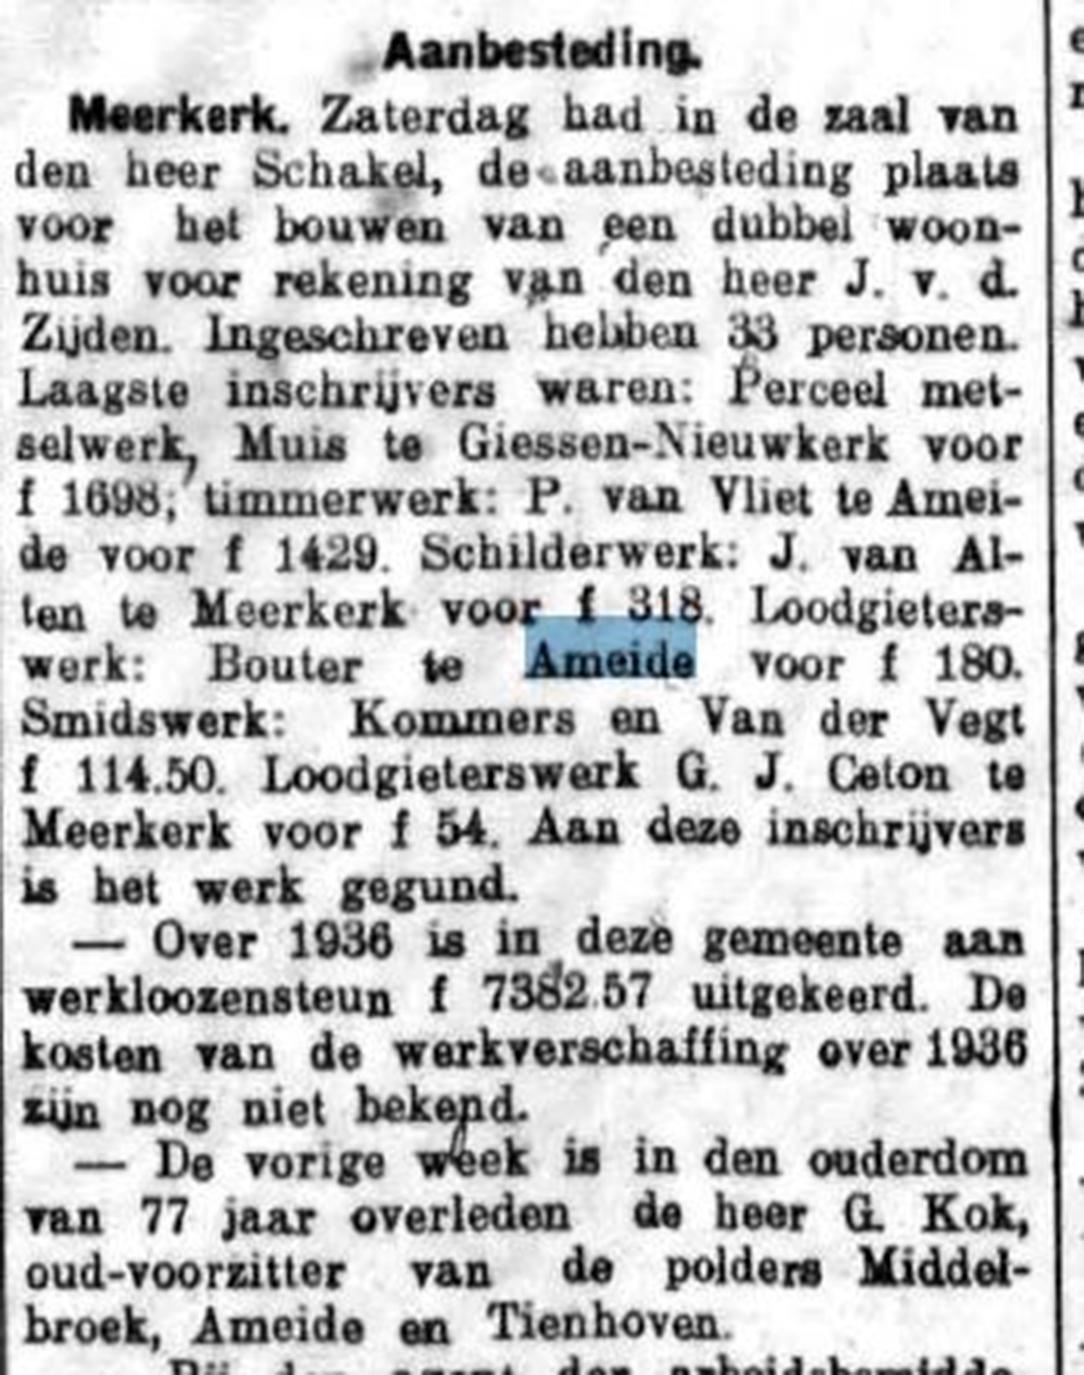 Schoonhovensche Courant 07758 1937-01-13 artikel 01